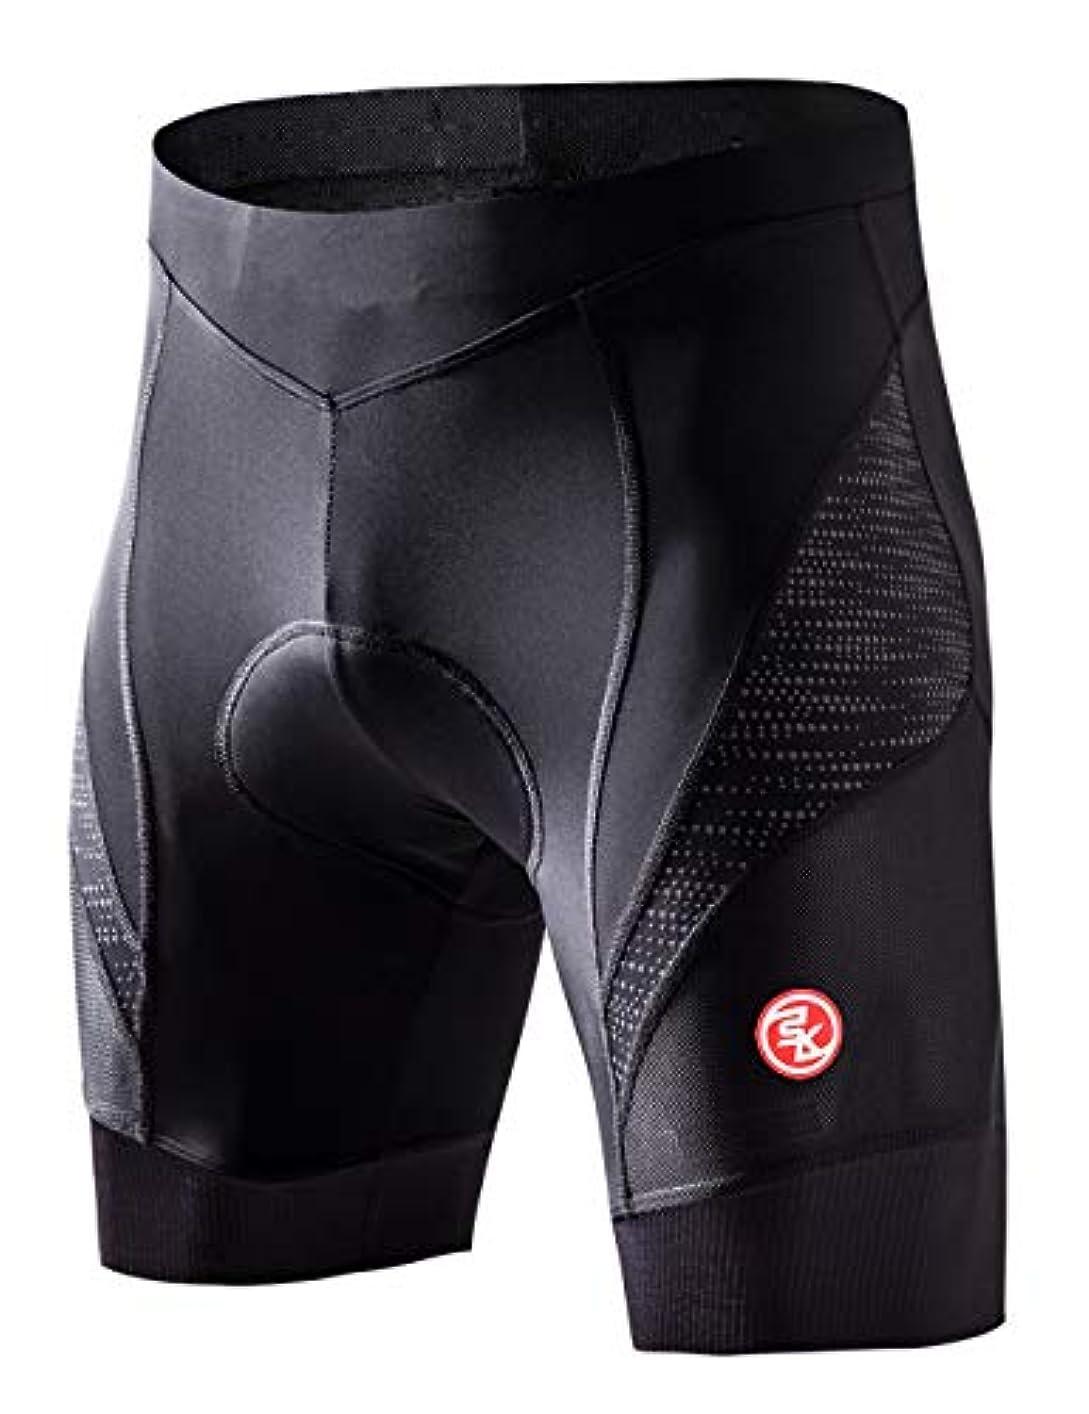 礼儀デジタルとは異なりSouke Sports サイクルパンツ メンズ レーサーパンツ 4Dパッド 痛み軽減14-パネル 伸縮性 速乾 通気性 吸汗力 自転車パンツ 軽量 滑り止め 再帰反射 サイクリングウエア ロードバイク クロスバイク